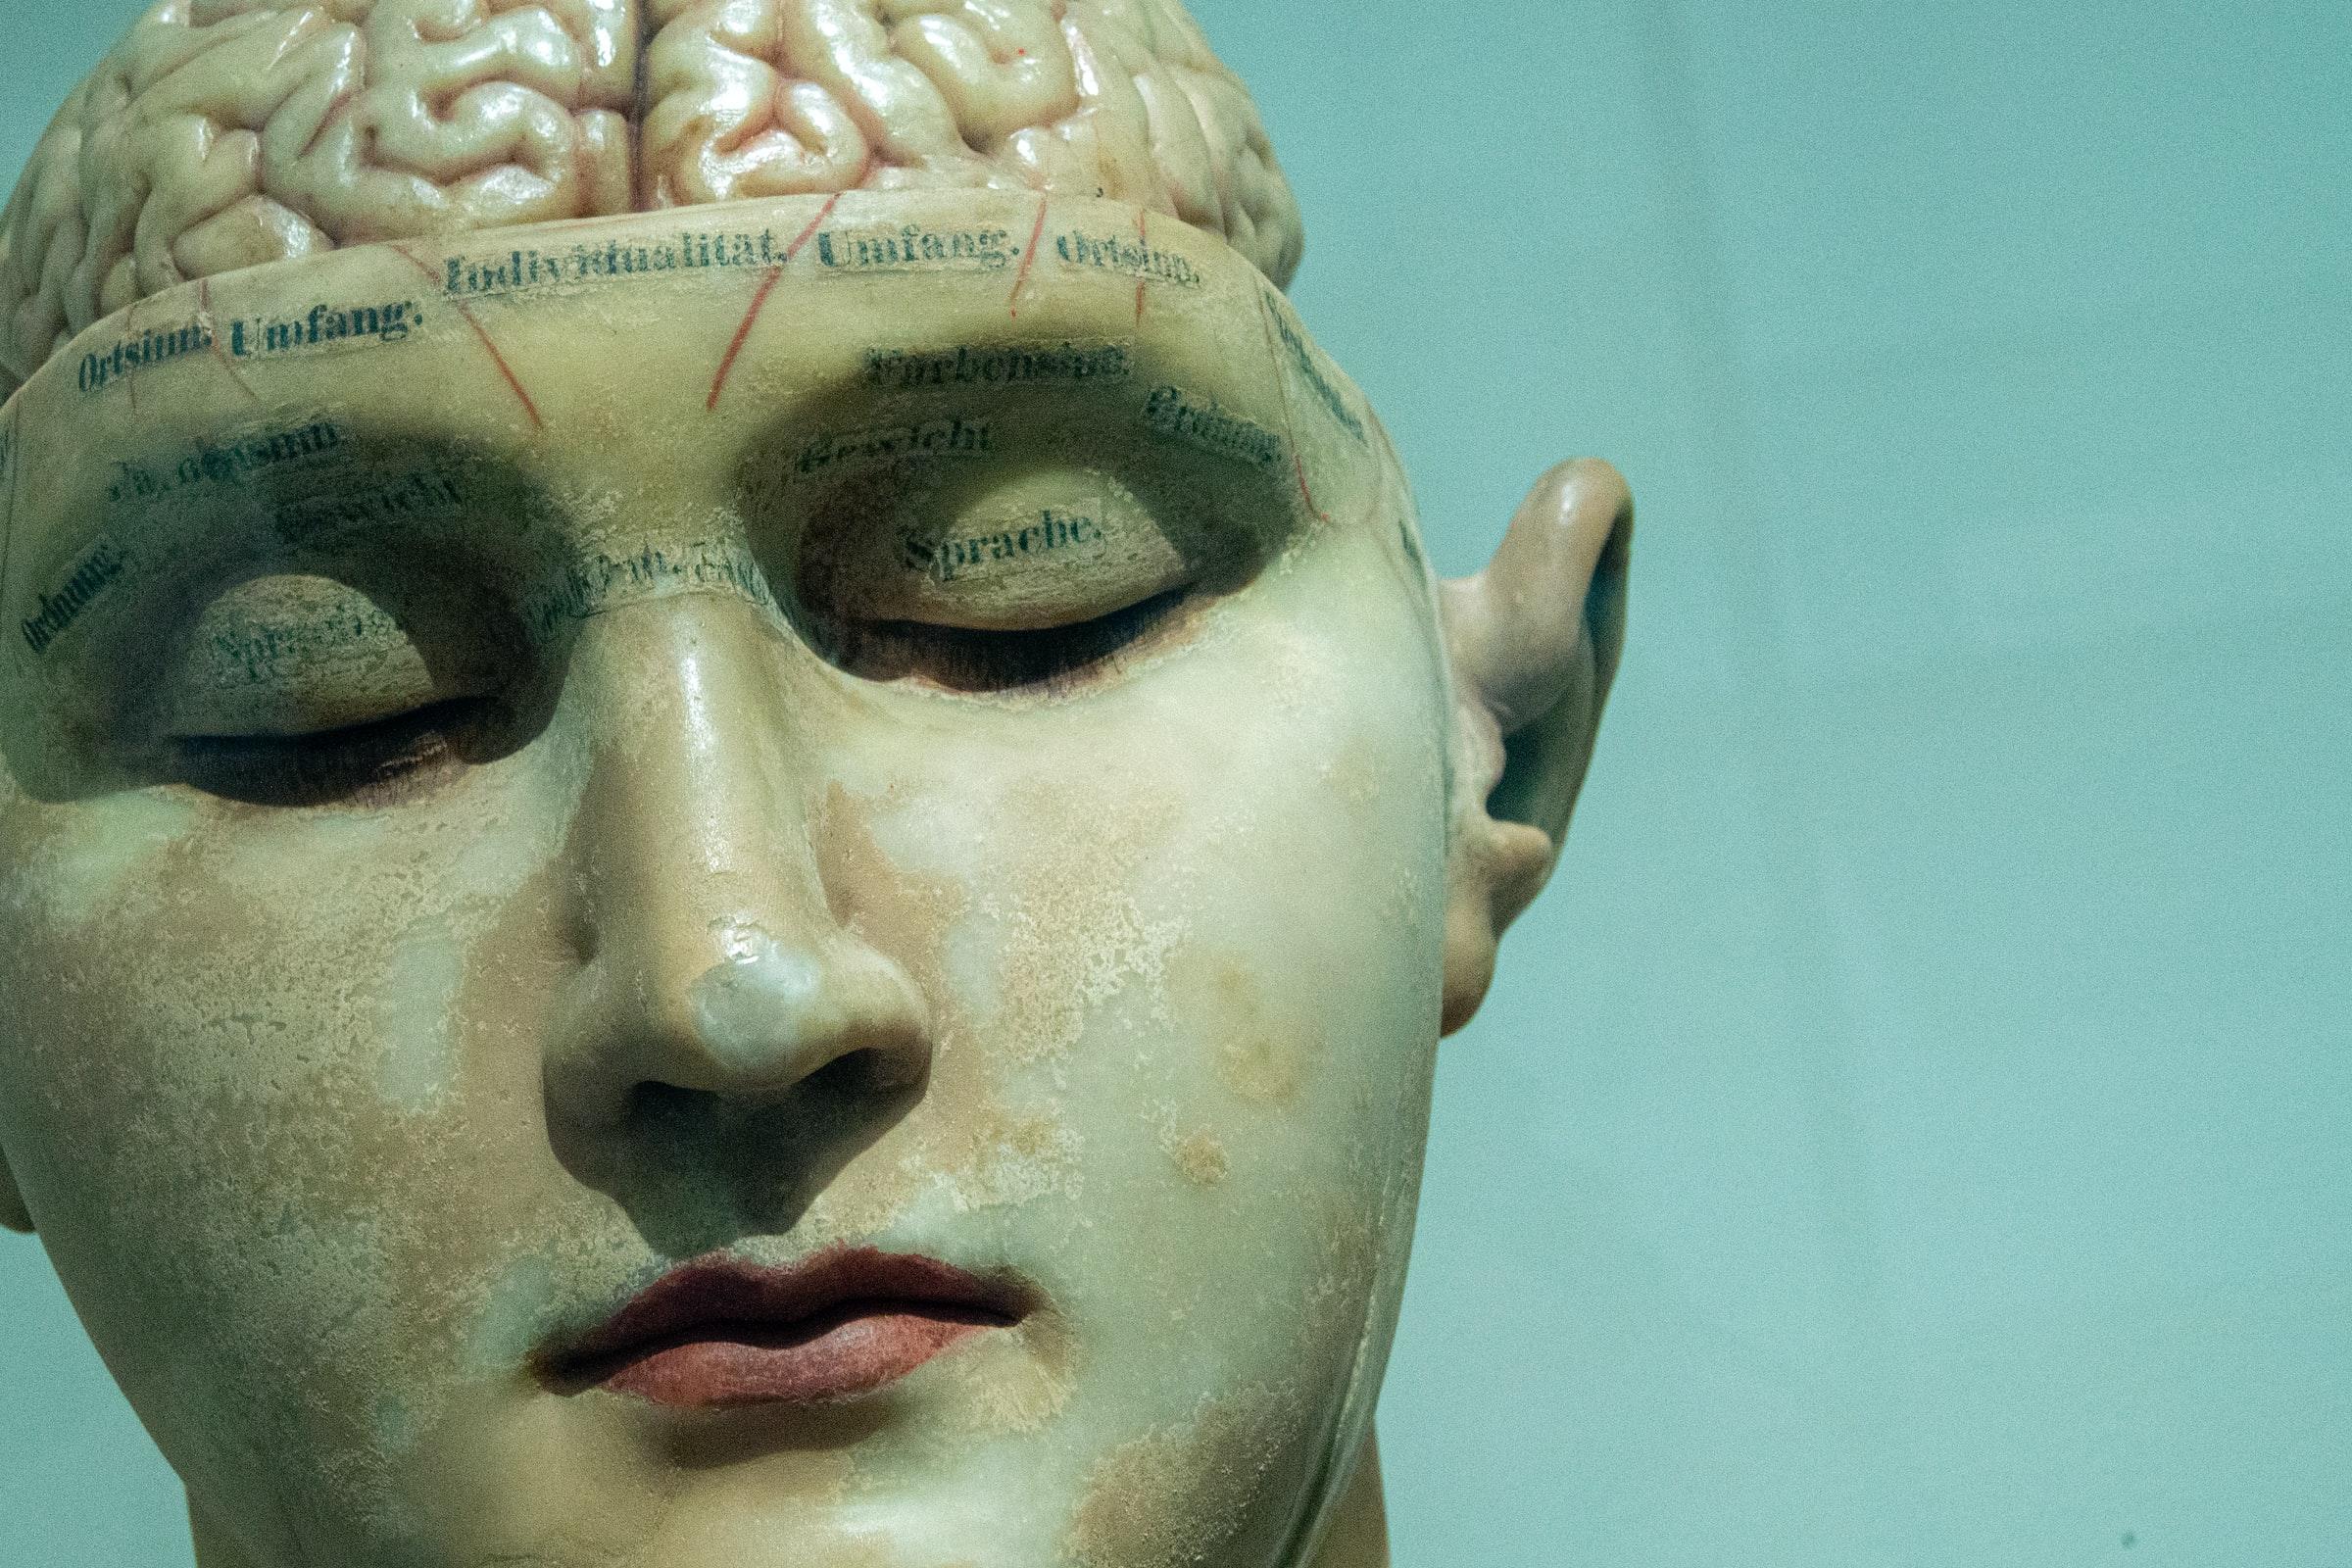 Maquette de visage avec cerveau apparent.